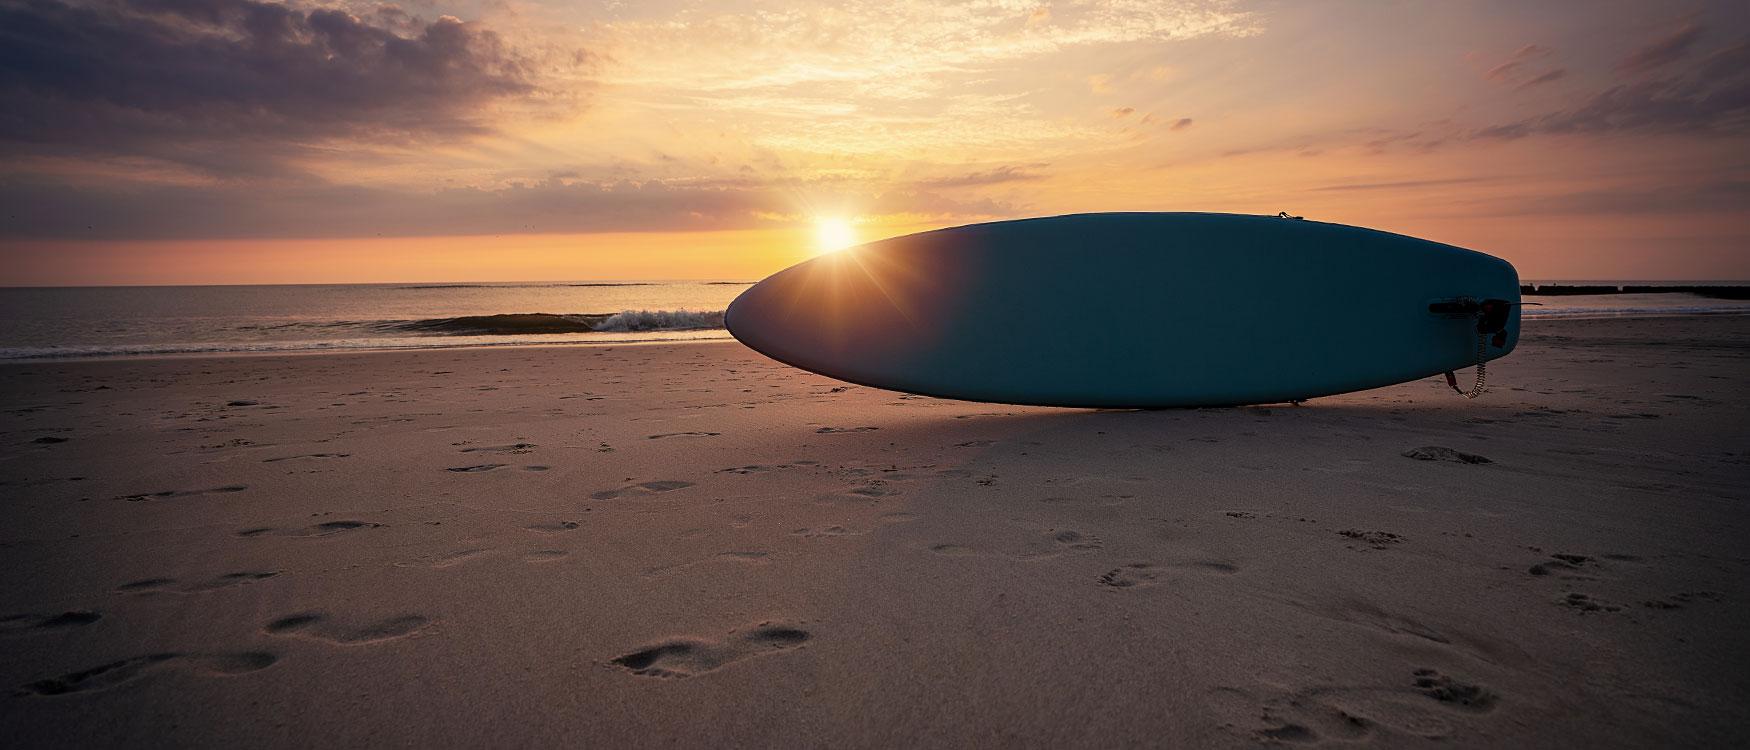 Sonnenuntergang in Kampen am Strand